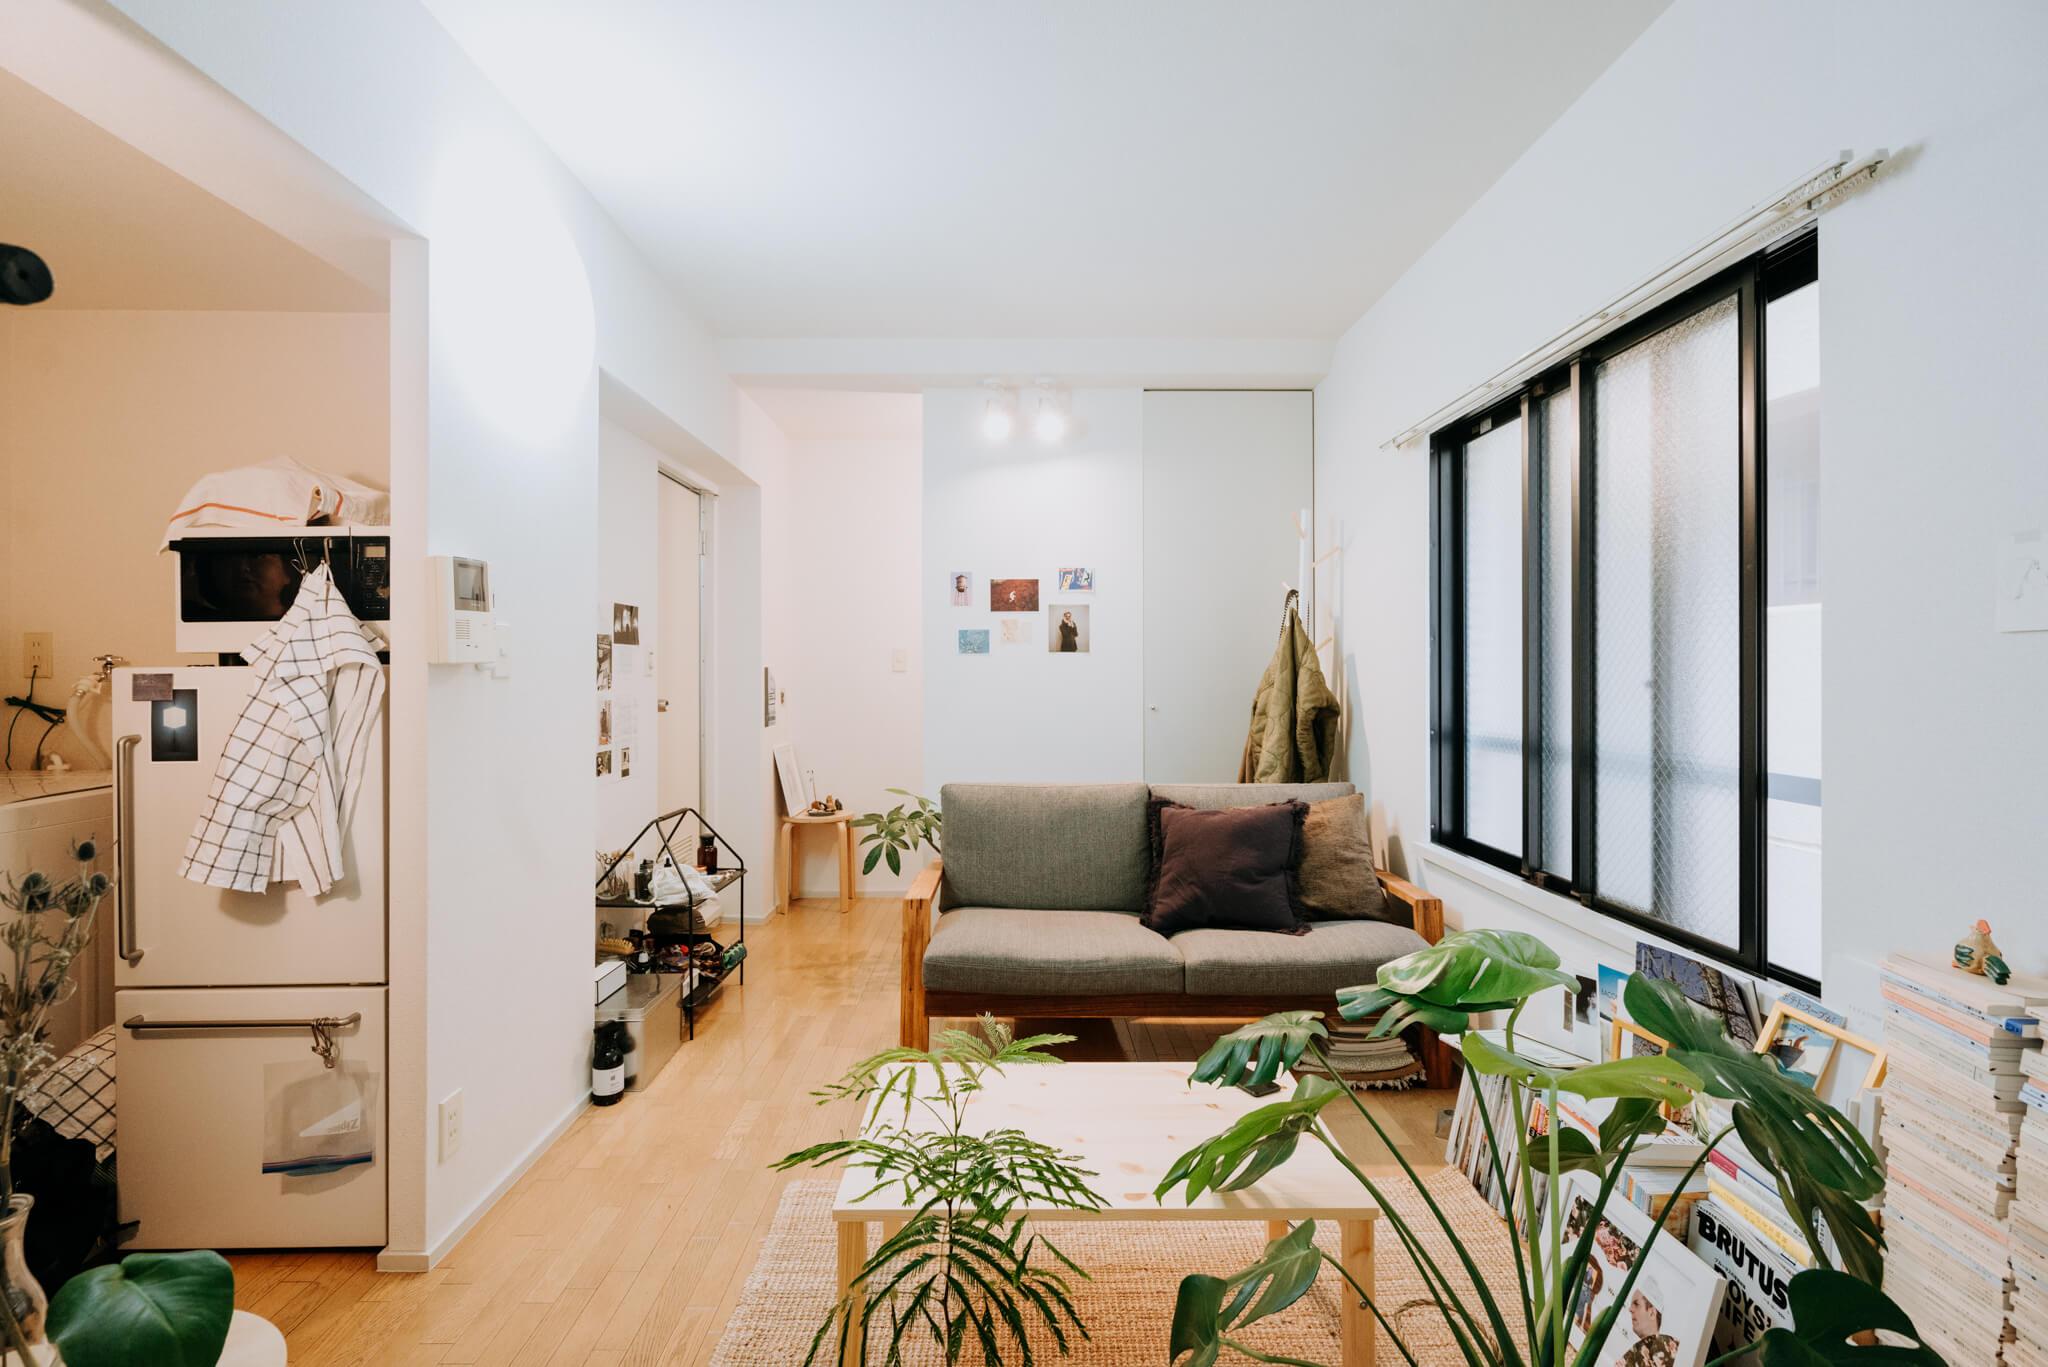 足つきのソファは抜け感があるため、狭い賃貸で使用しても窮屈さを感じさせません。また掃除機やお掃除シートで汚れをとりやすく、ホコリが溜まりづらいのもポイントです。